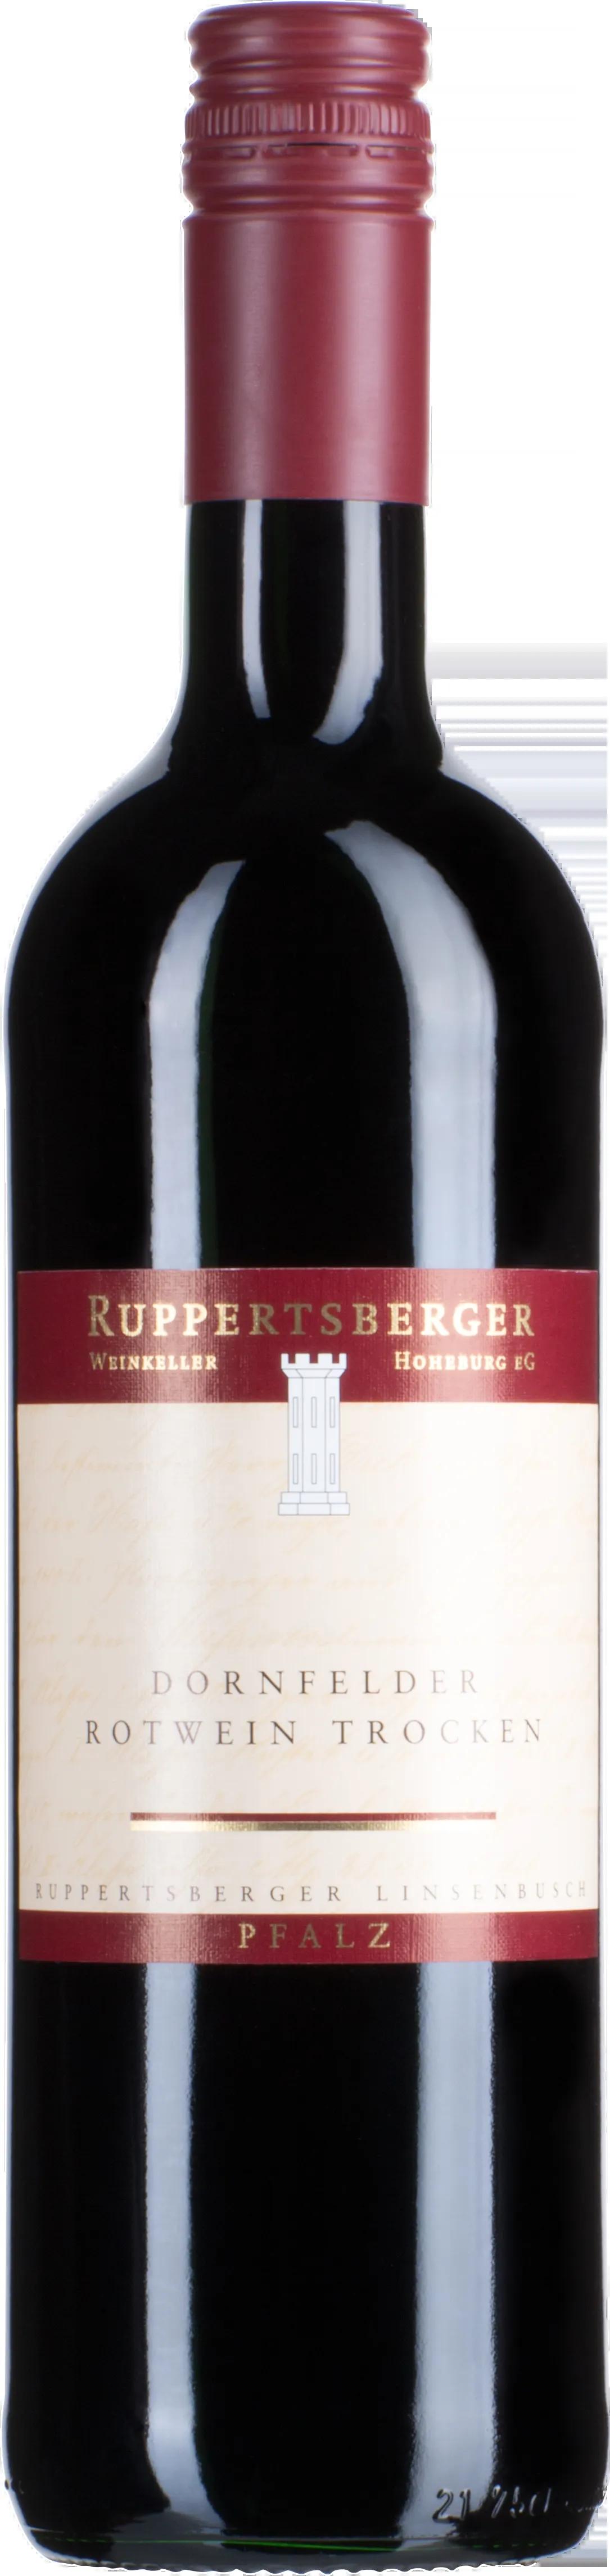 6 Flaschen Dornfelder | Ruppertsberger | 2018 | 0,75 Liter